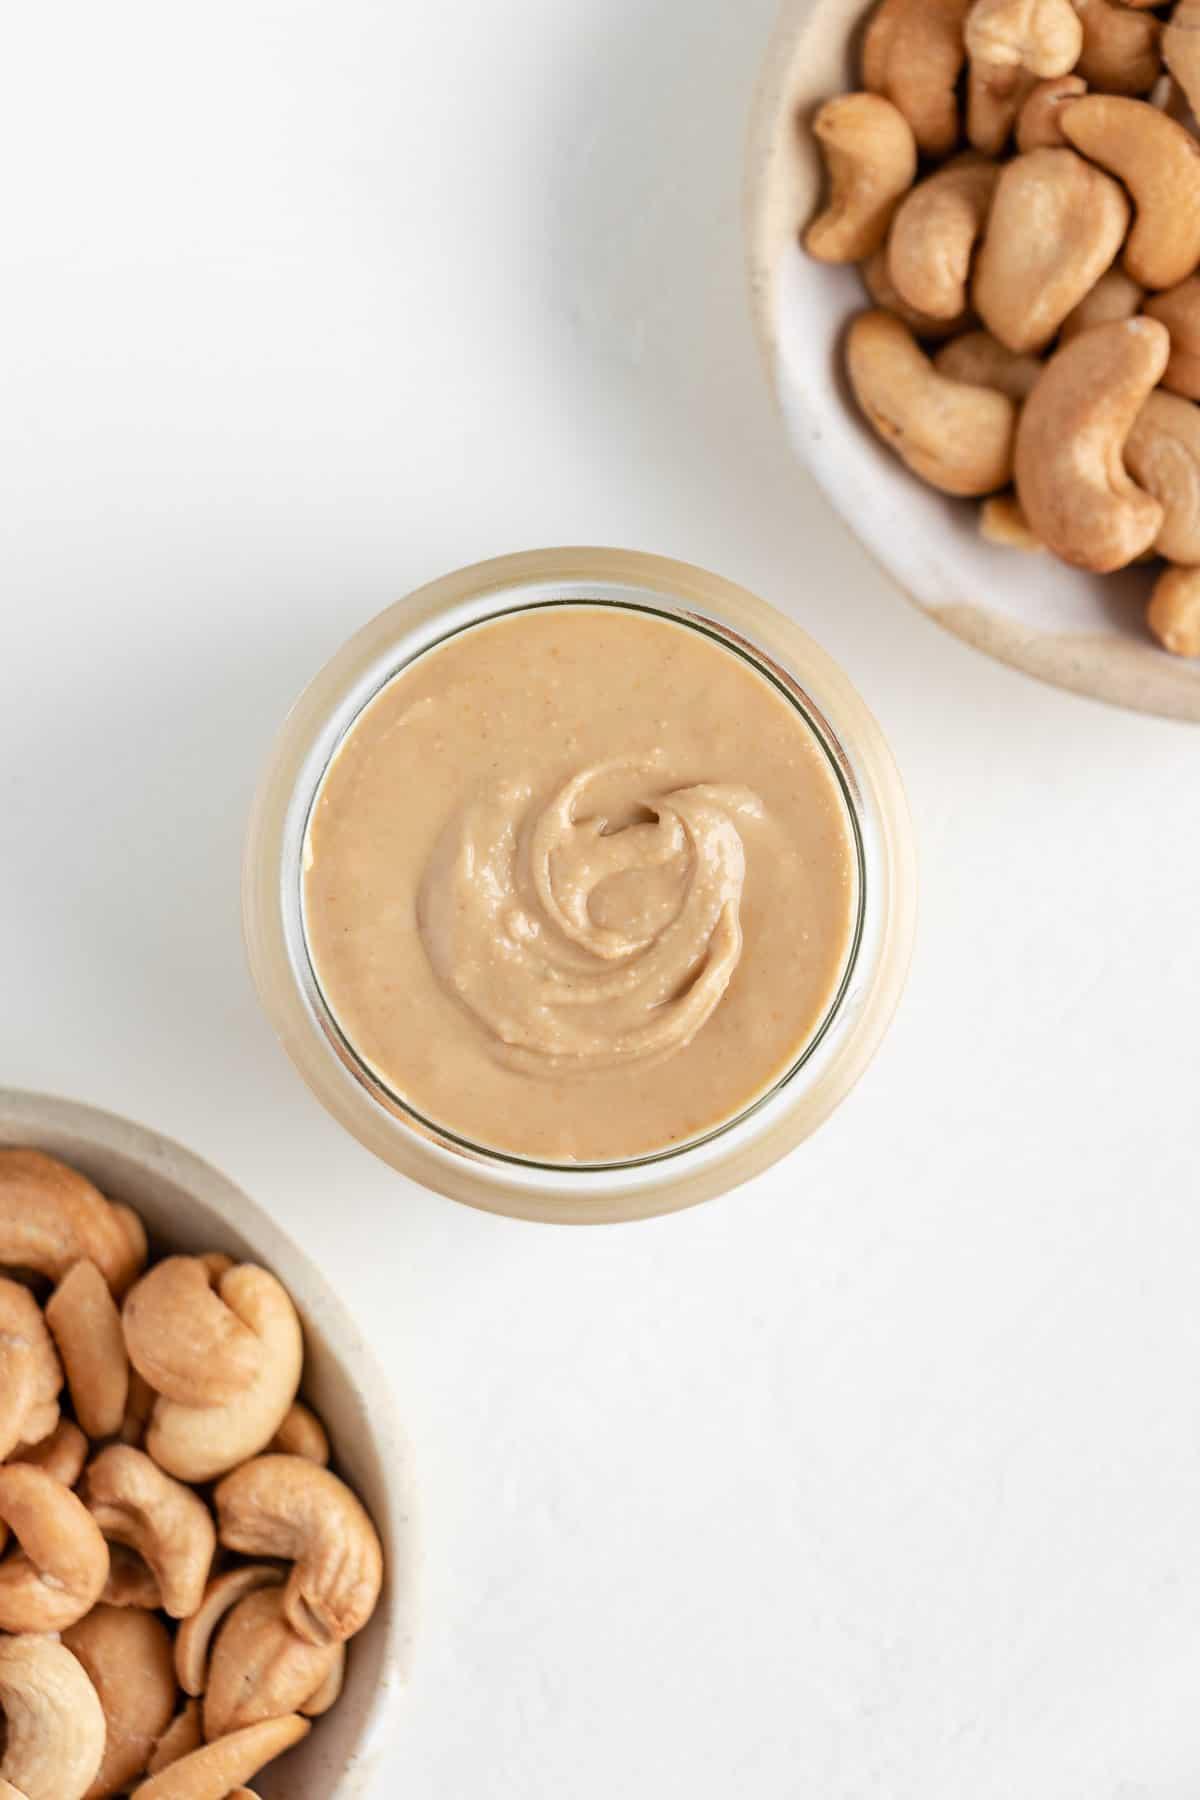 homemade cashew butter inside a glass jar beside two bowls of roasted cashews